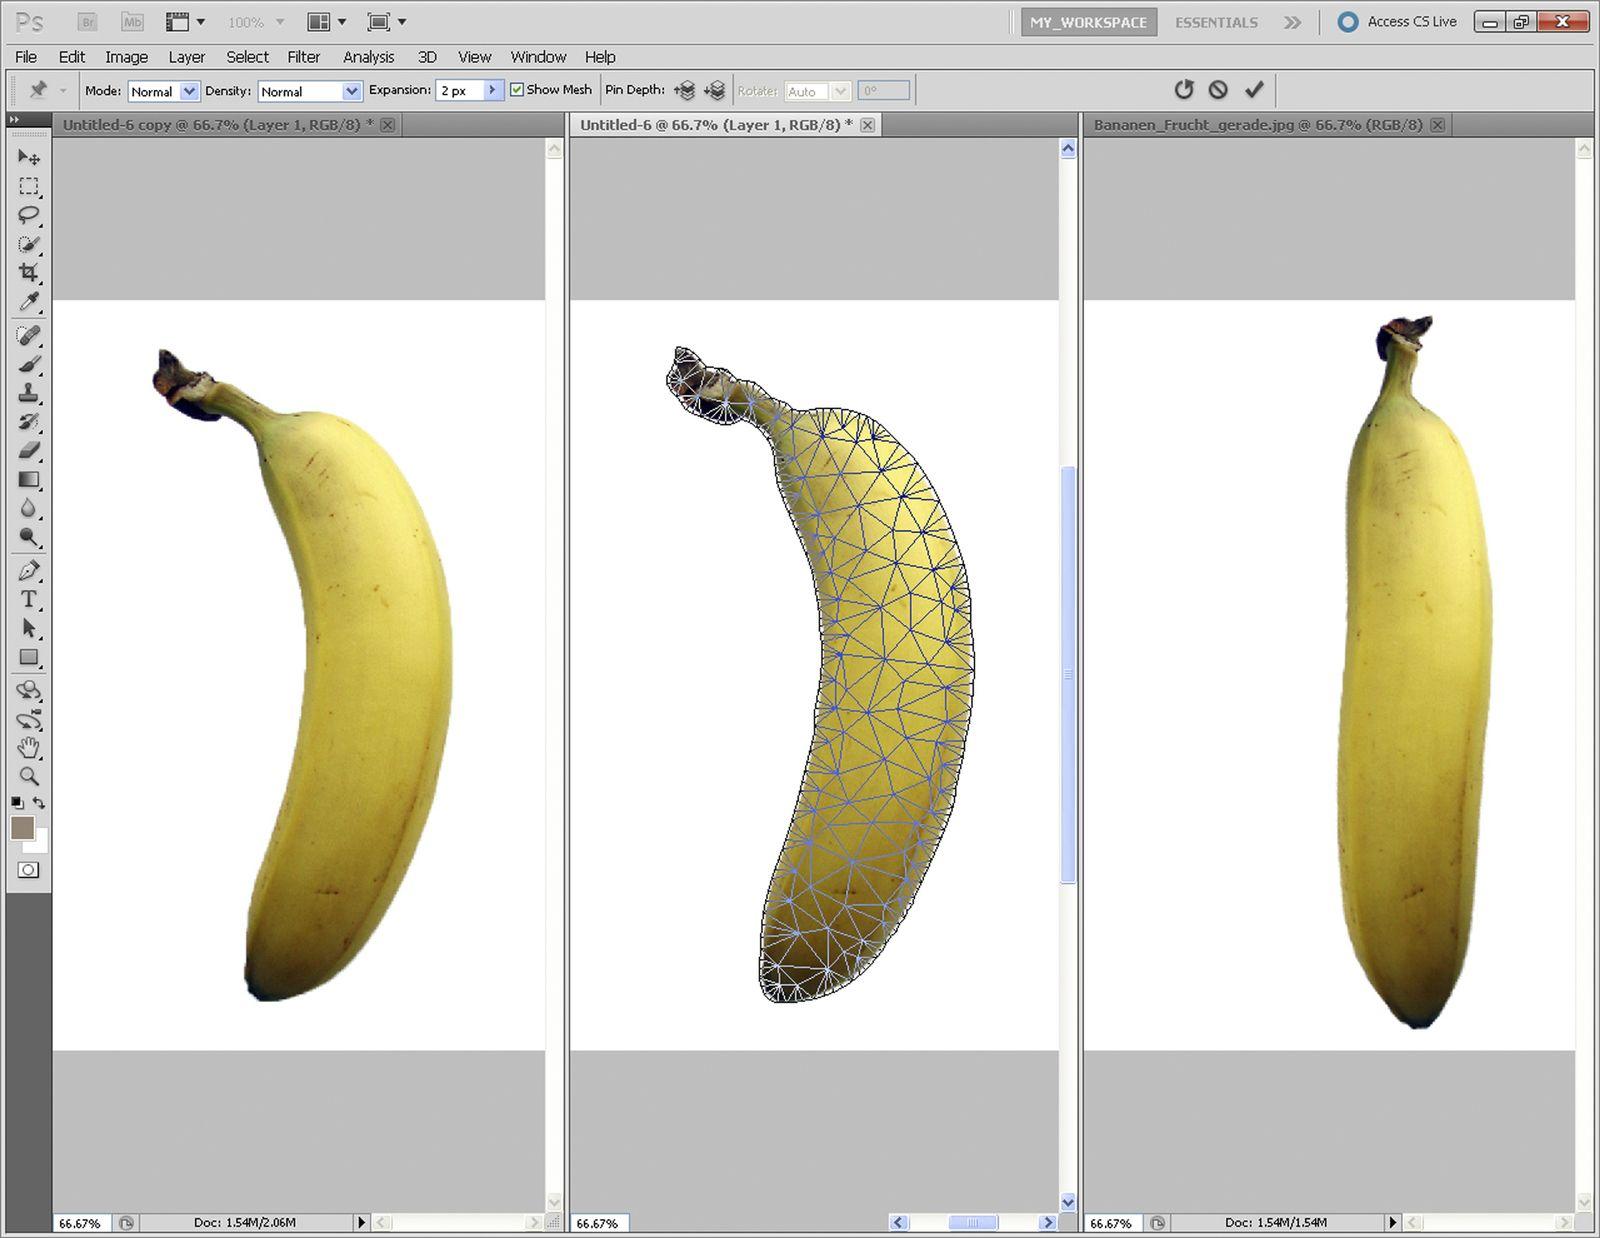 Bildbearbeitung Banane / Adobe Photoshop CS5